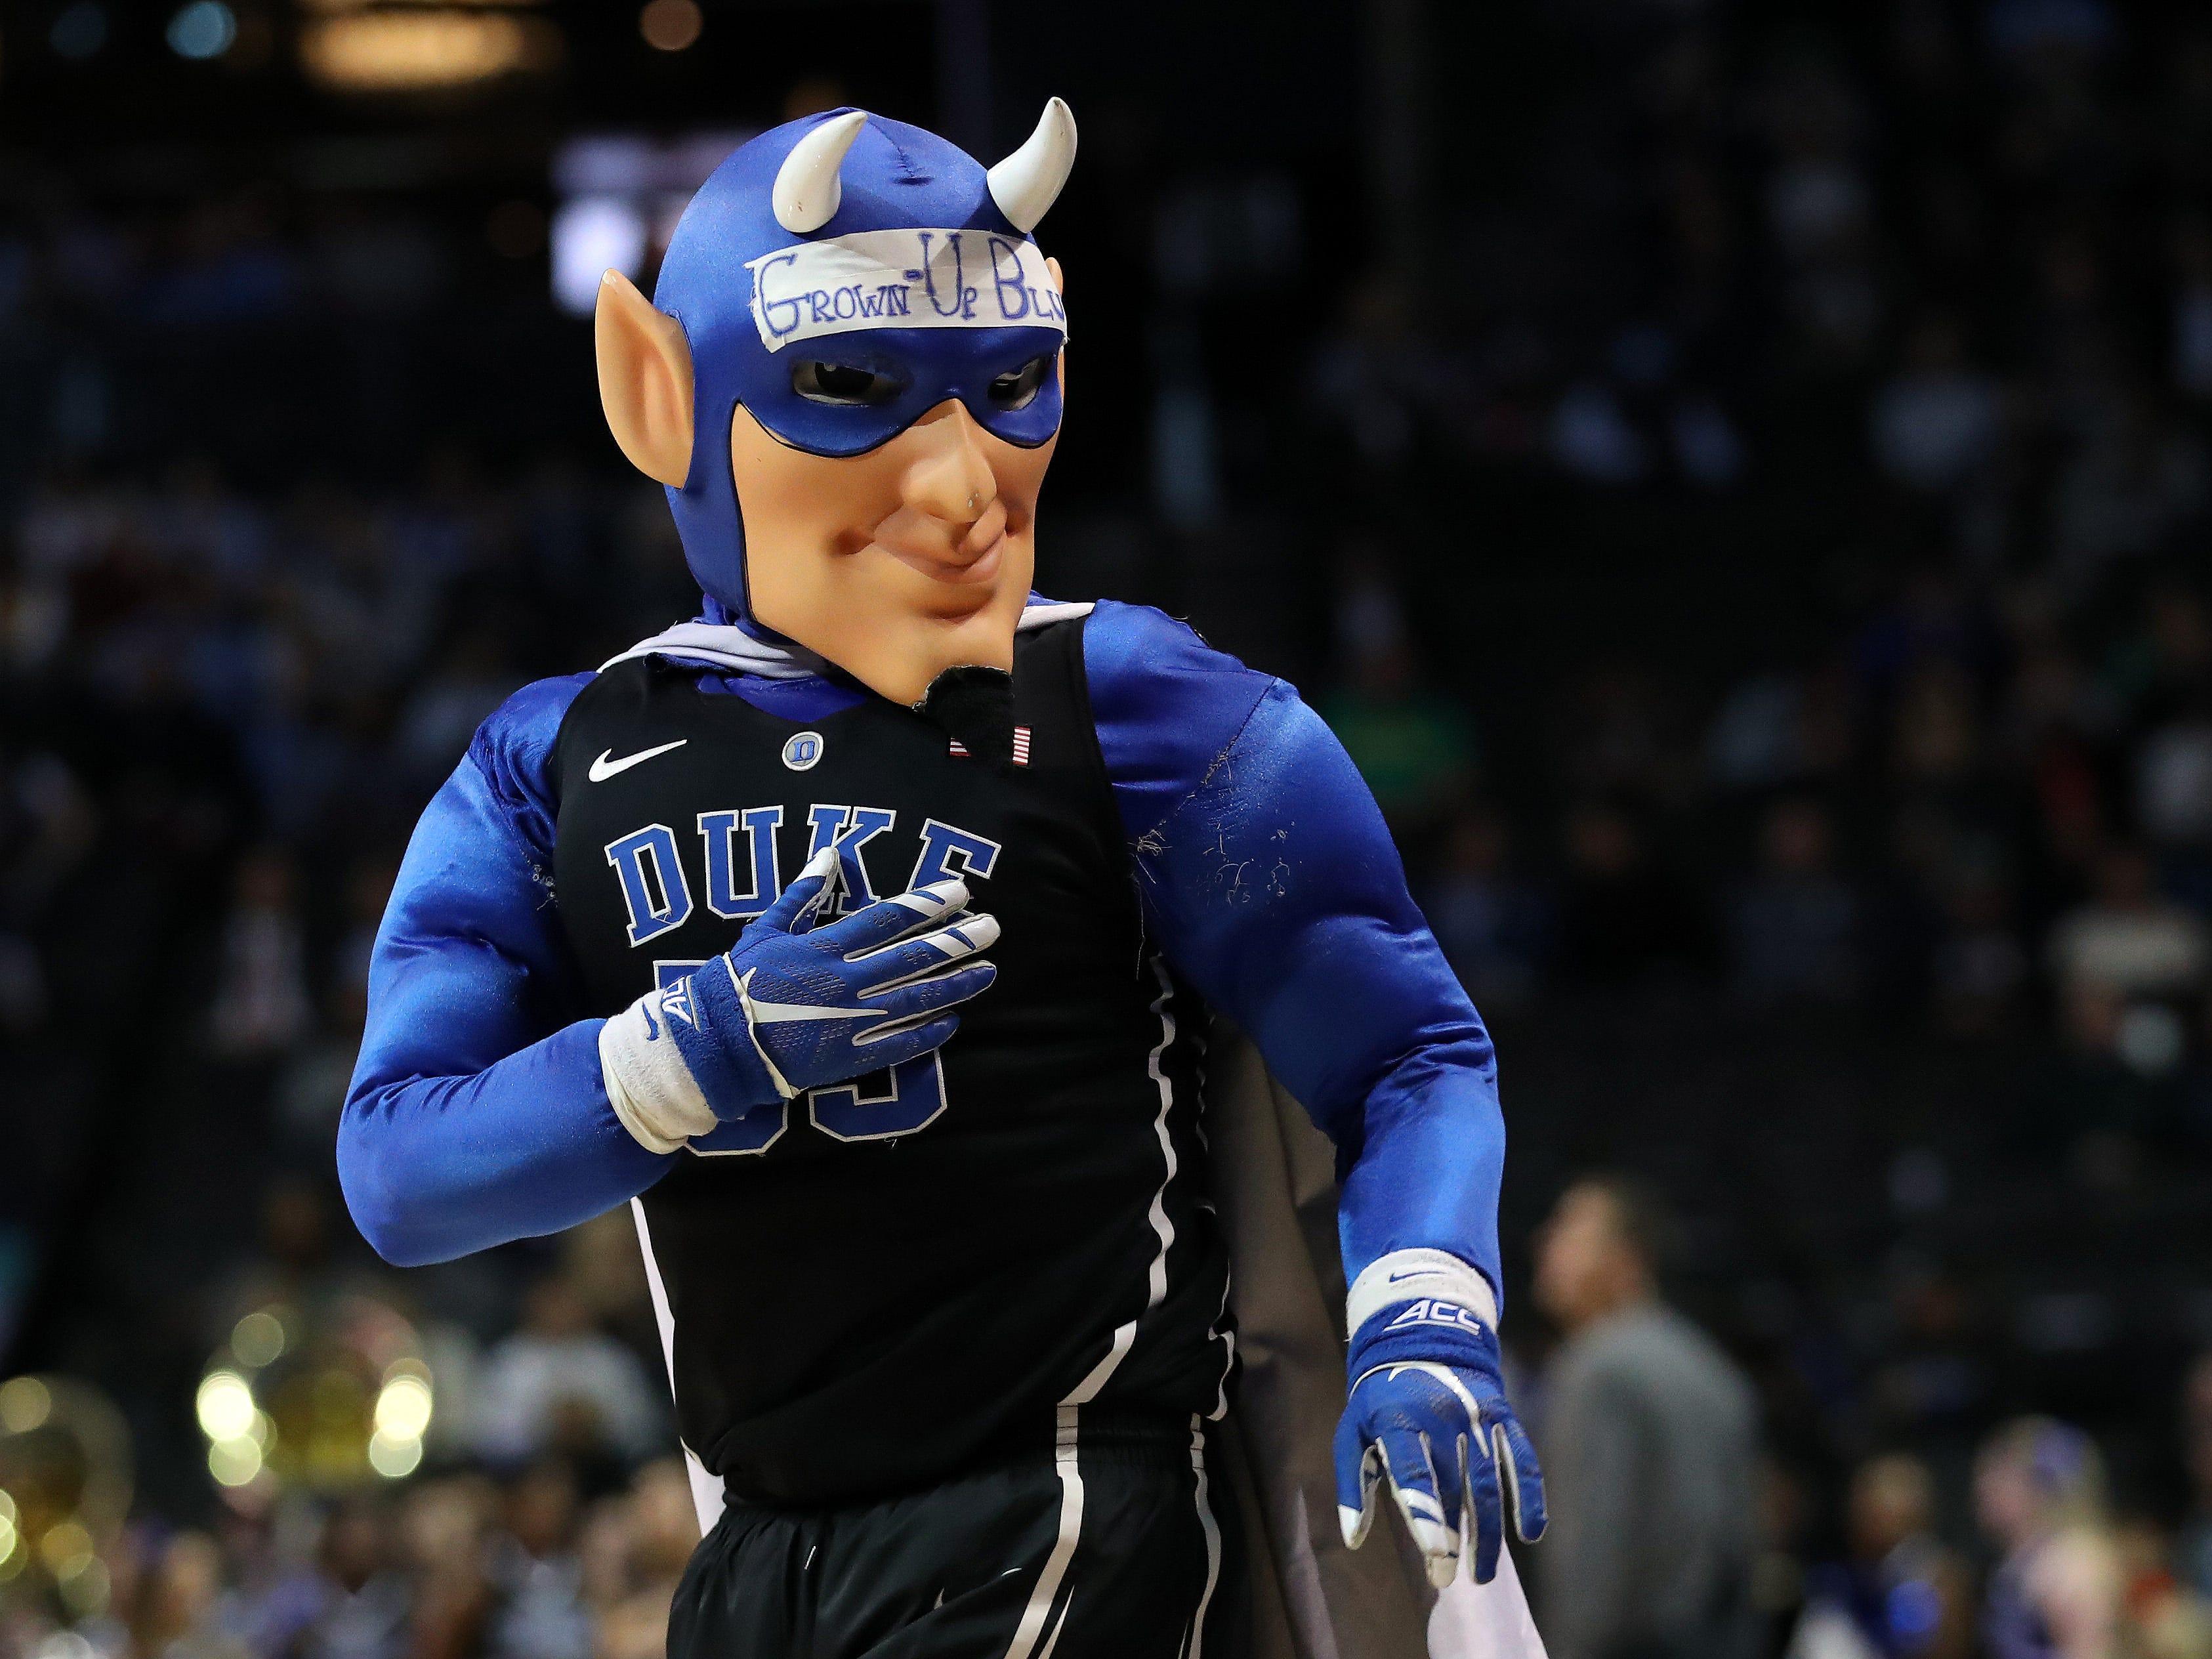 Duke's blue guy is somewhat fierce.